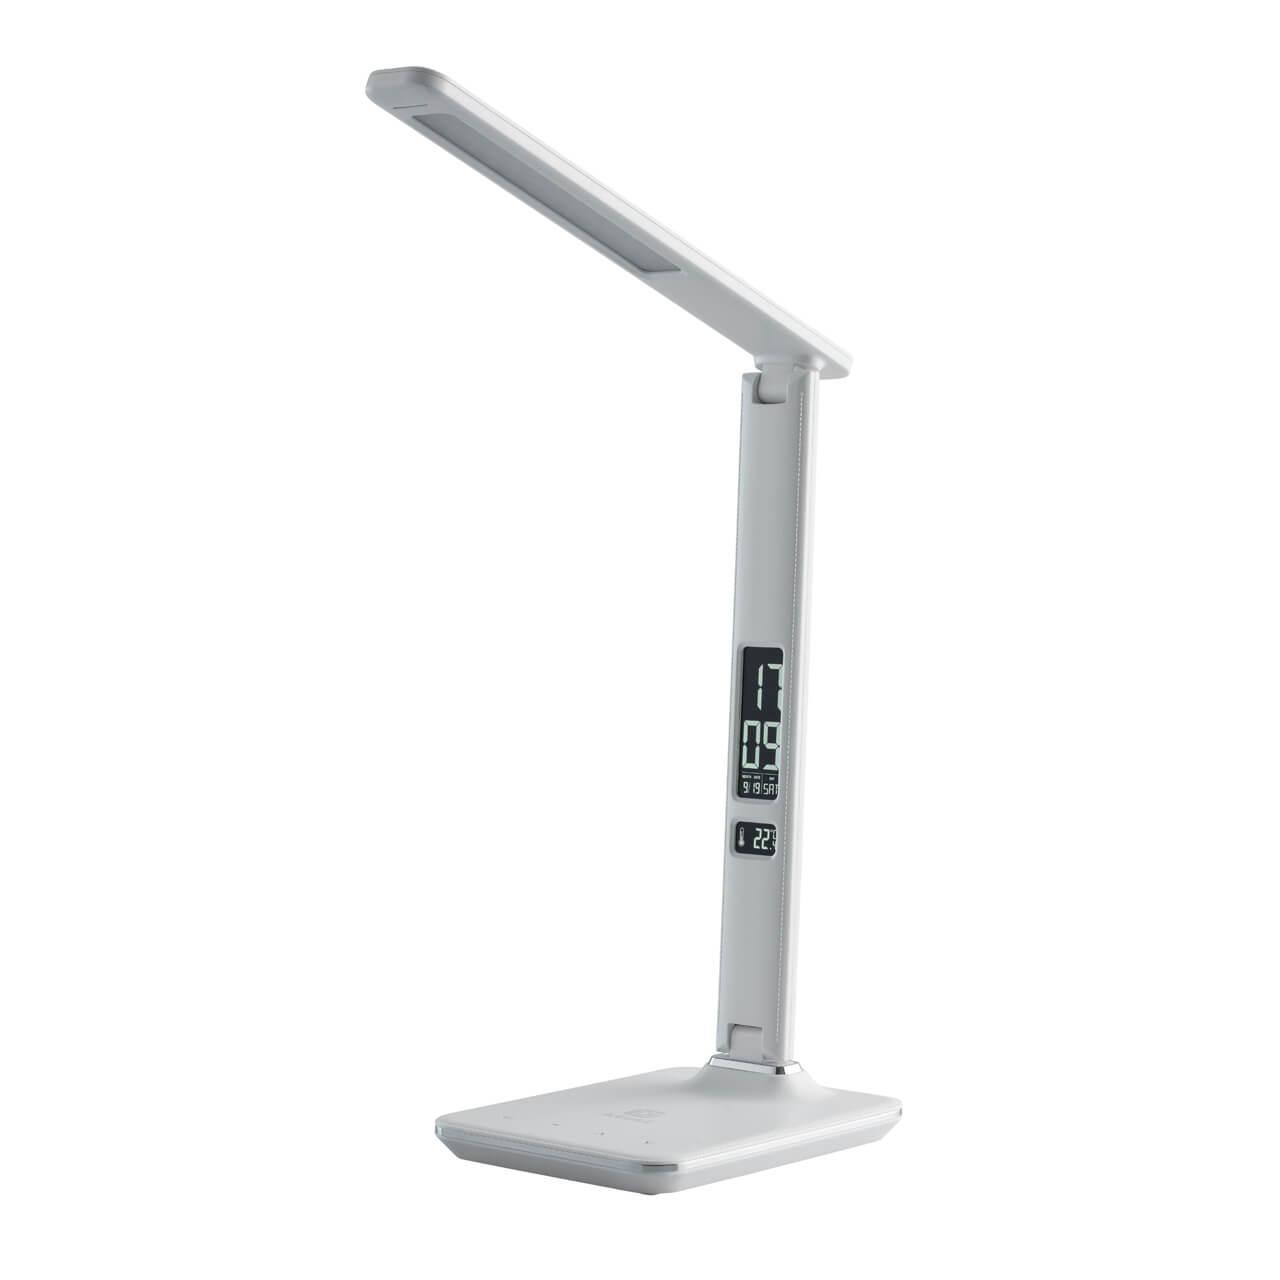 Настольная лампа De Markt Ракурс 631035001 настольная лампа de markt крайс 657030301